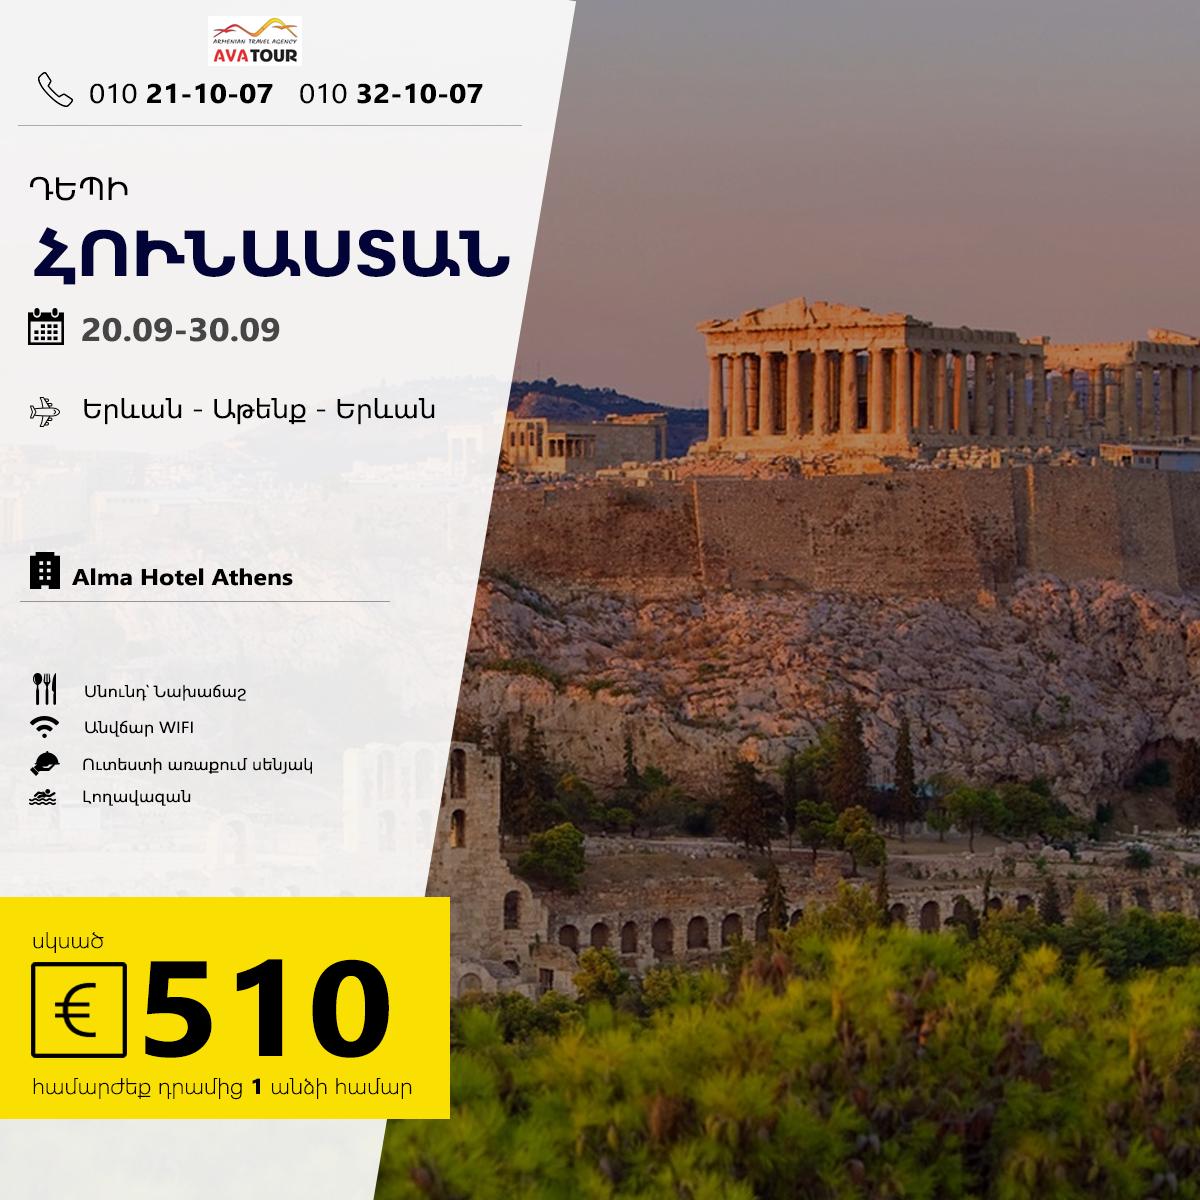 Տուր դեպի Հունաստան Աթենք